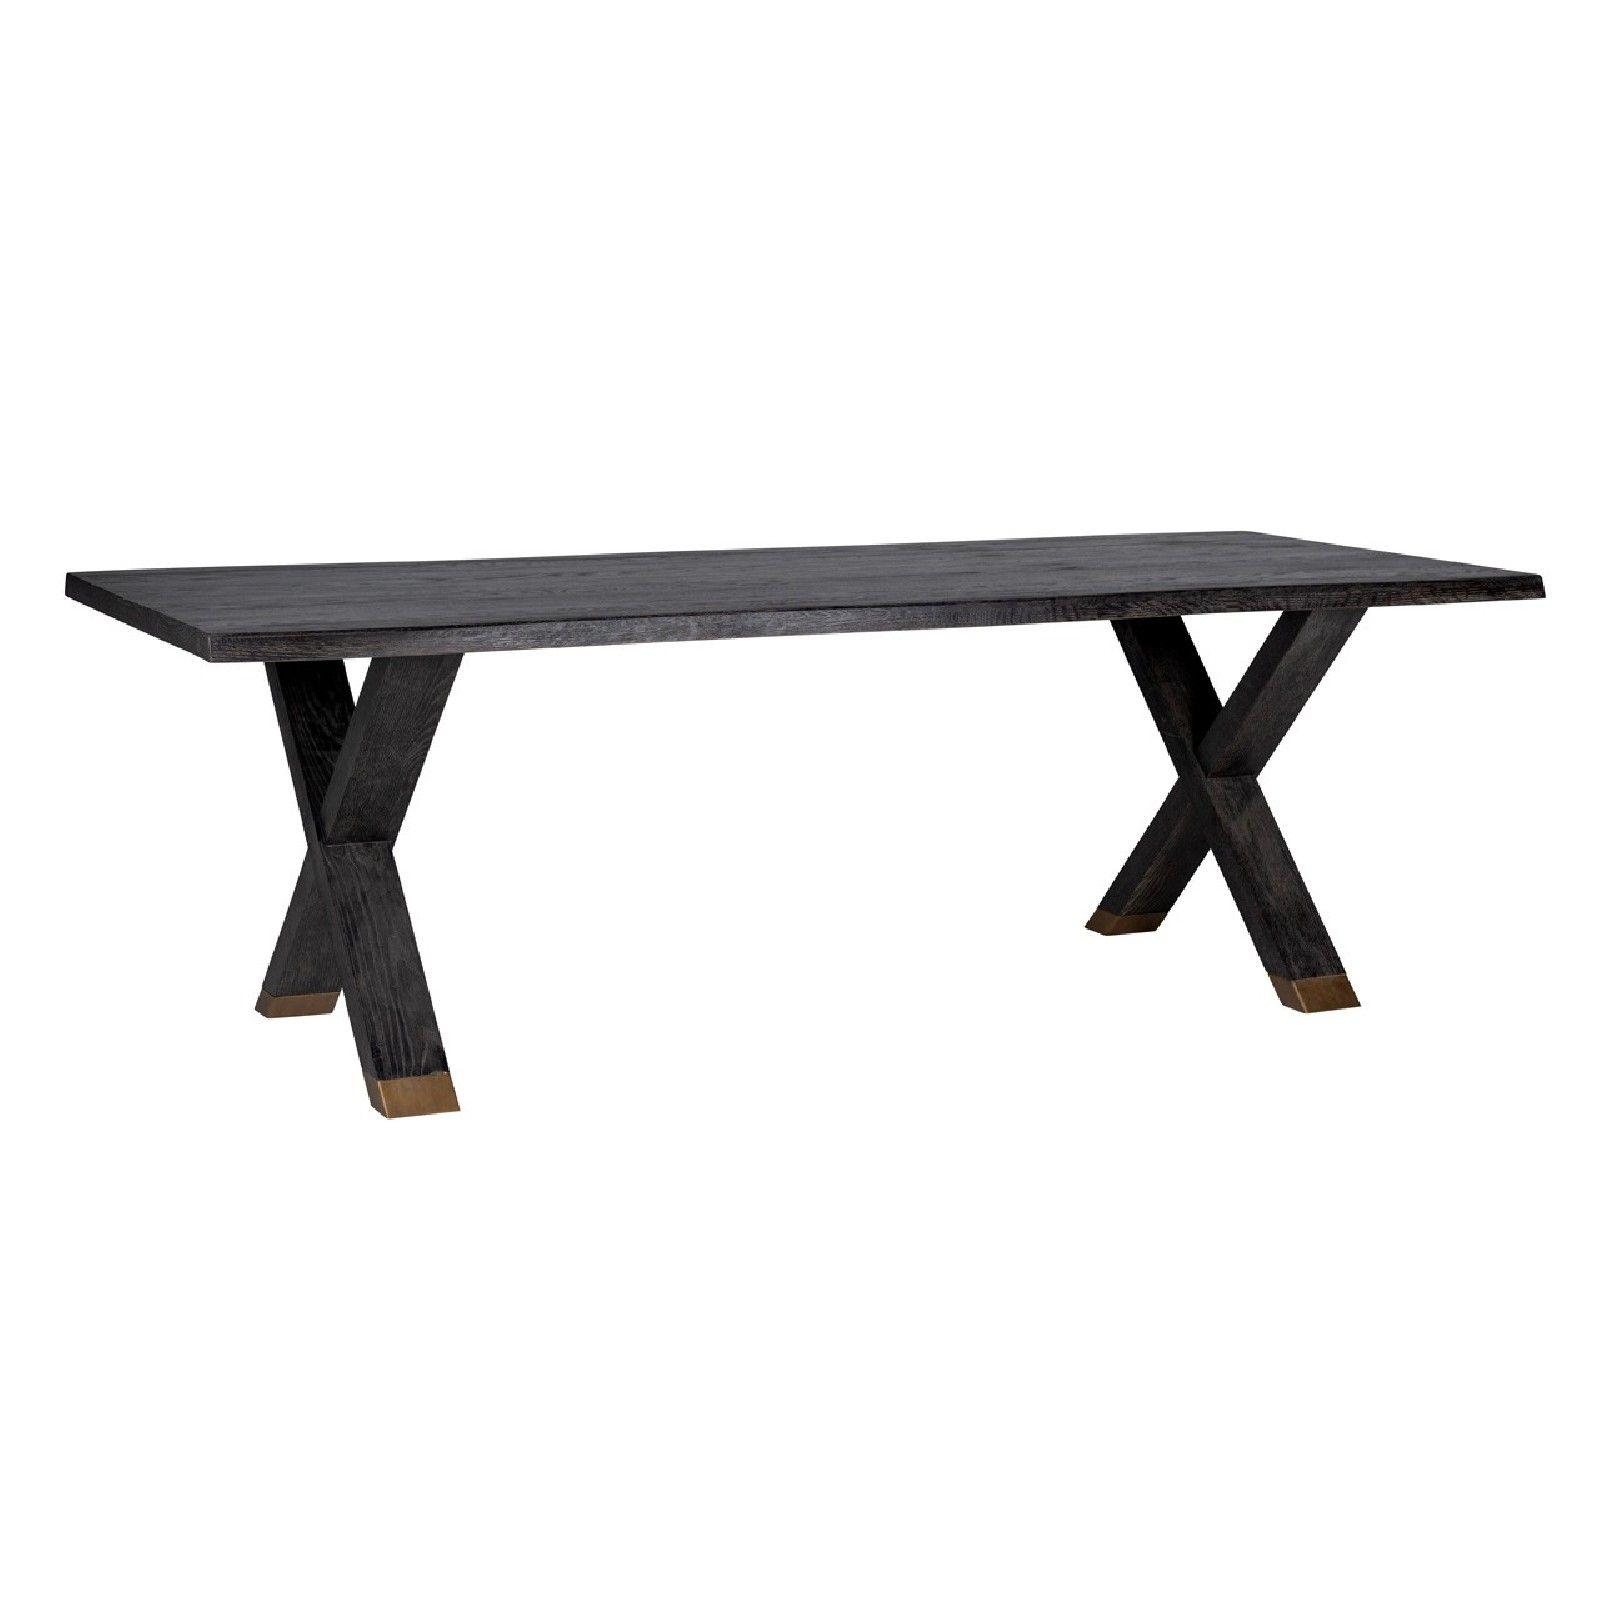 Table à dîner Hunter pieds croisés 200x100 Meuble Déco Tendance - 11